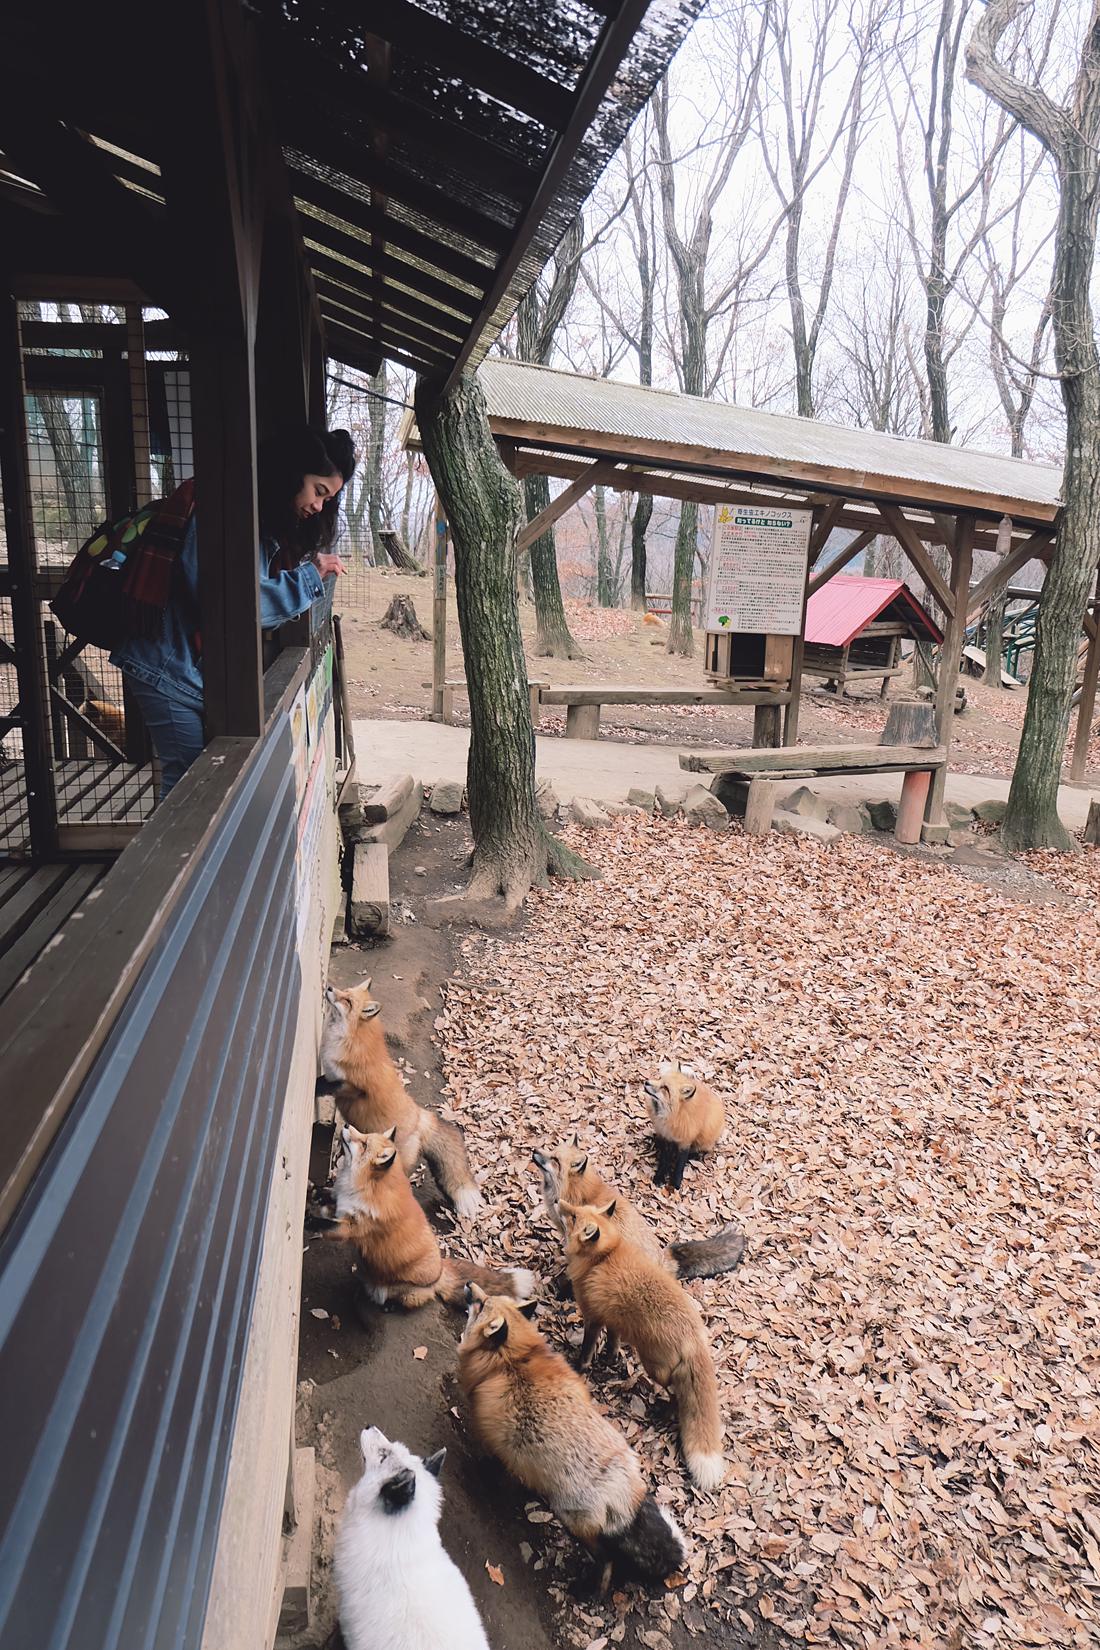 miyagi-zao-fox-village-rainbowholic-64